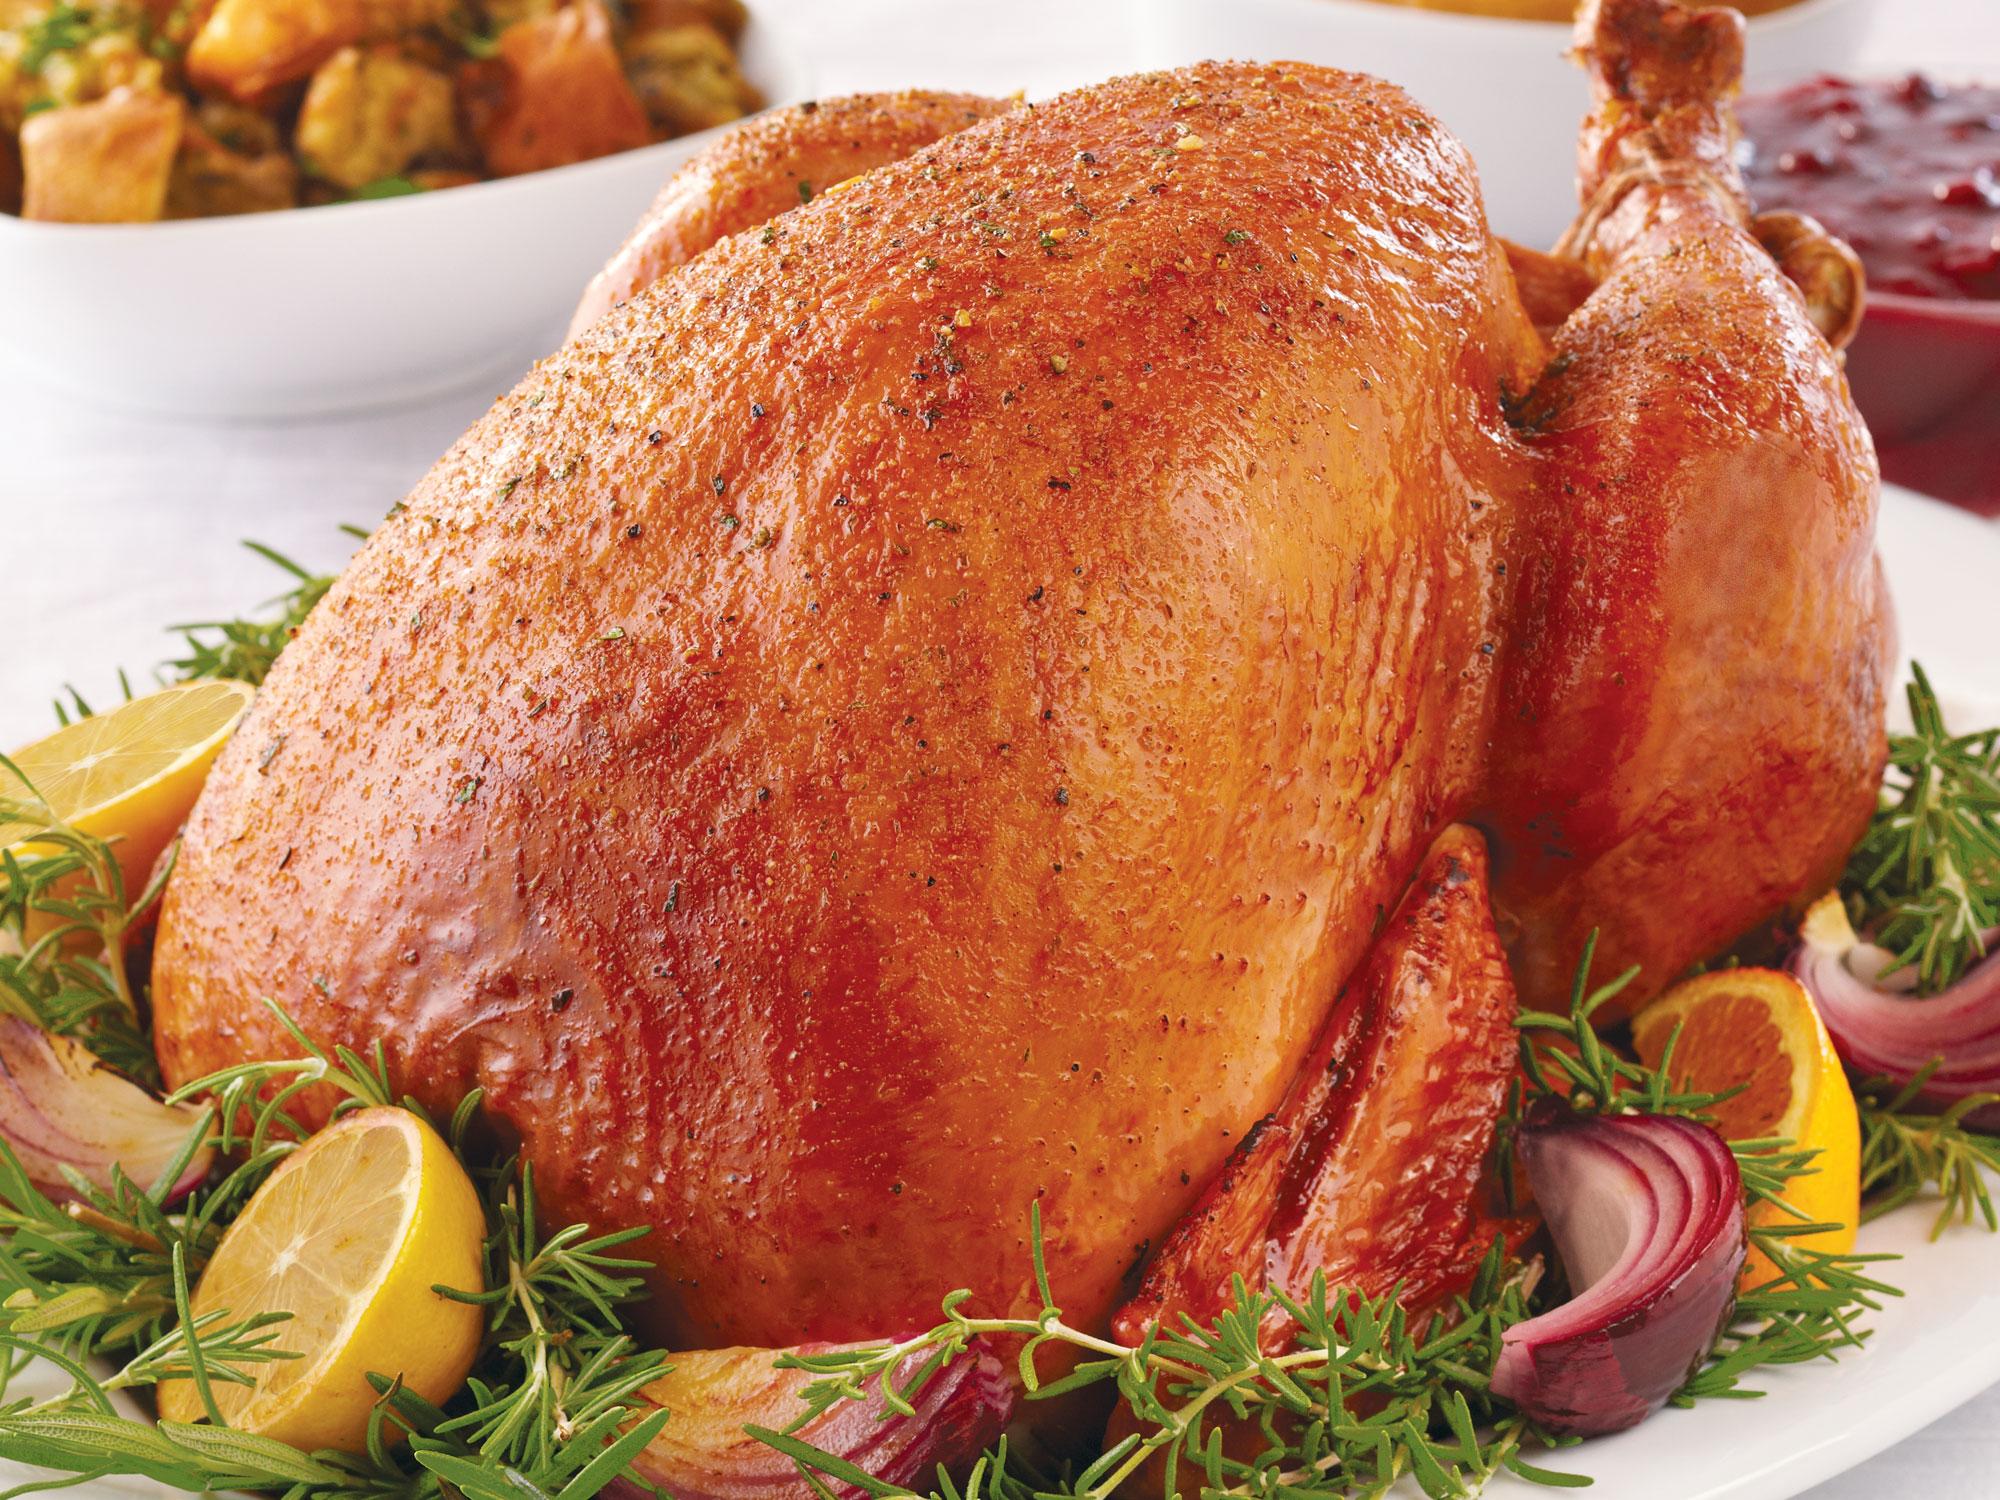 Turkey's aren't exclusively around Thanksgiving.